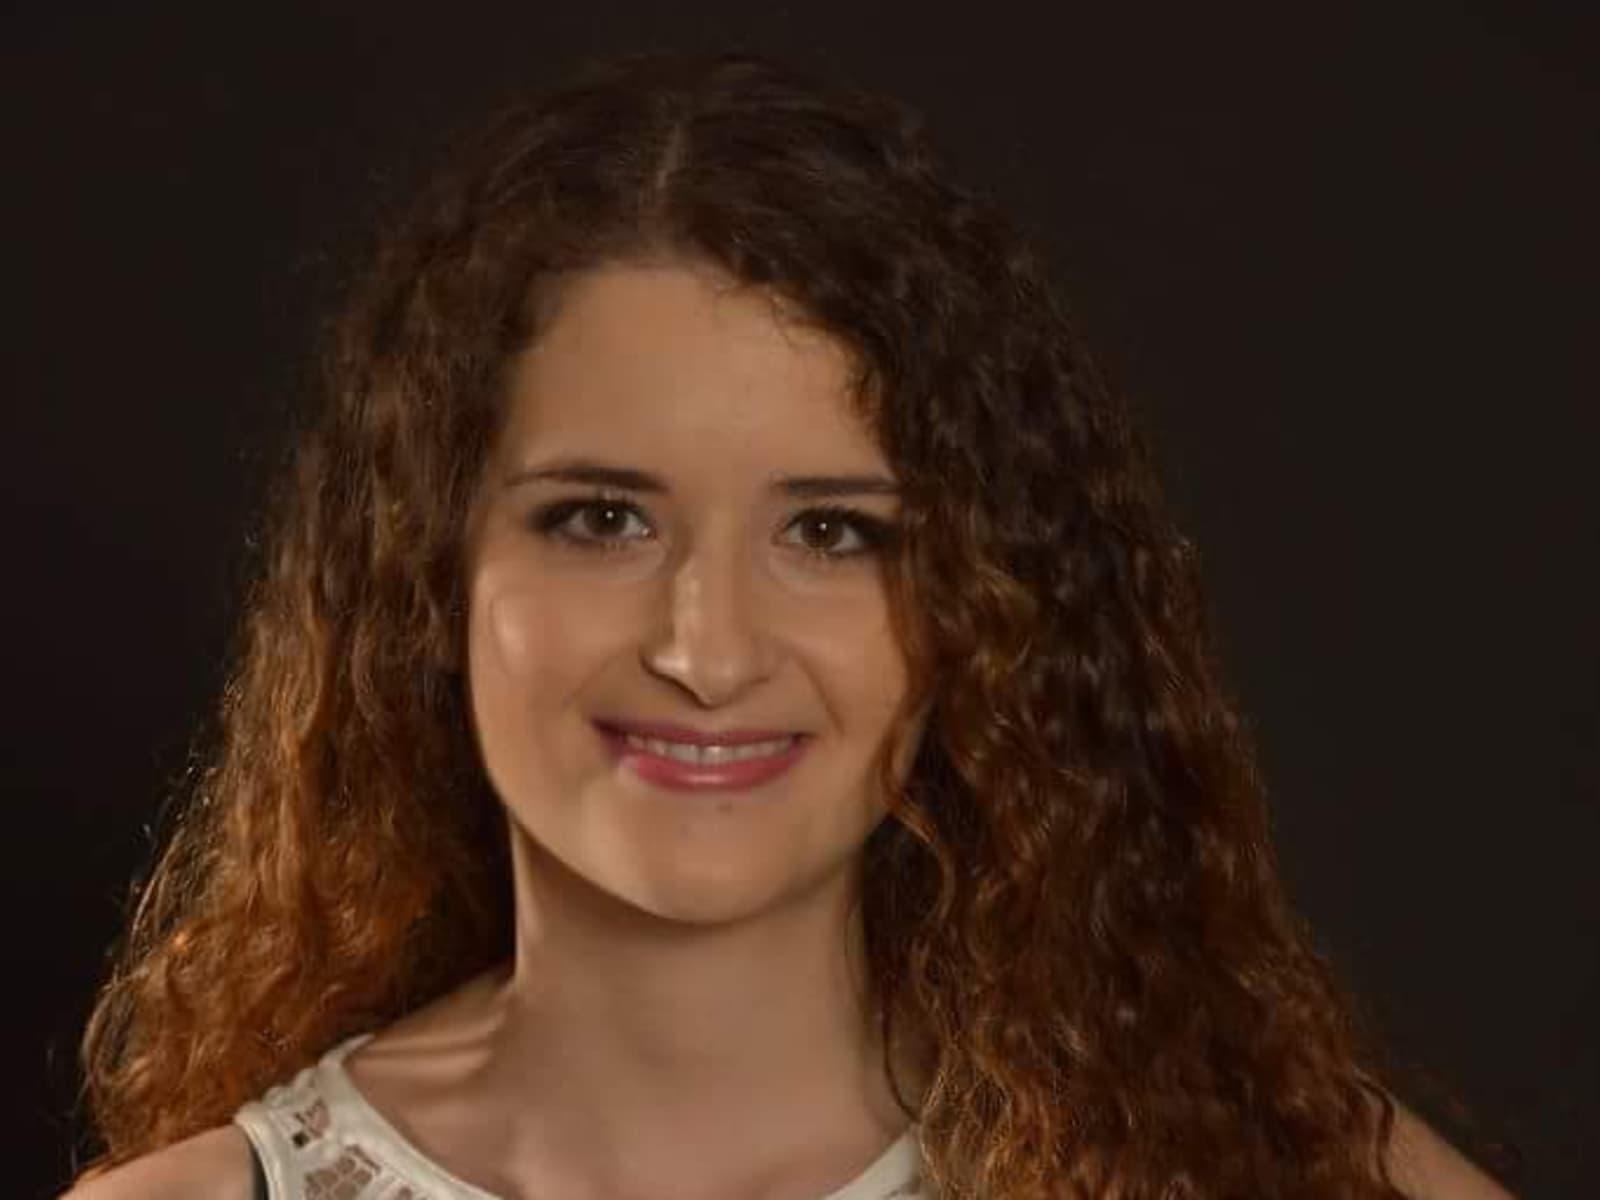 Sabrina from Weisslingen, Switzerland